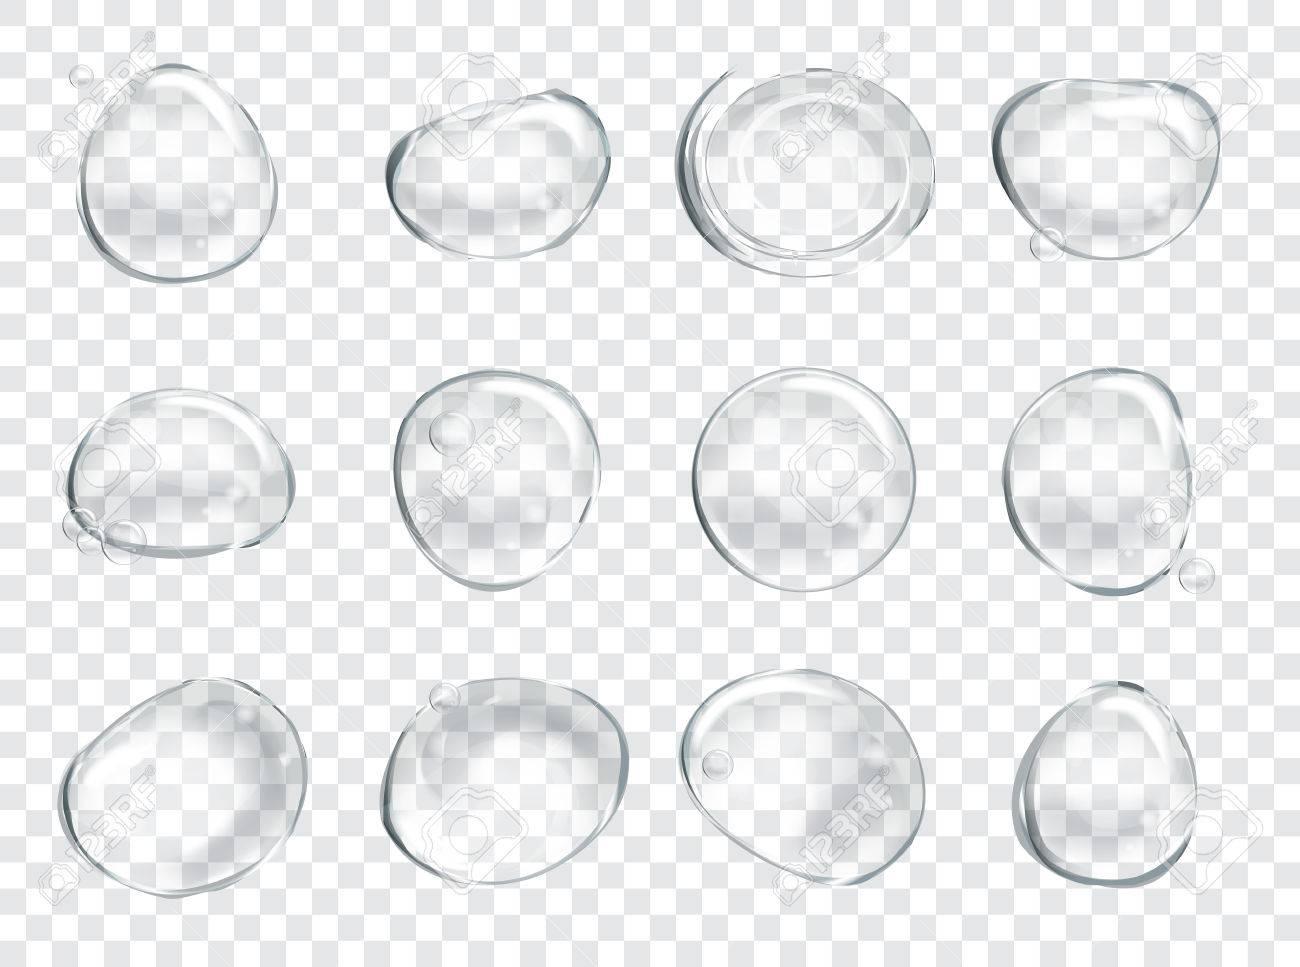 Soap Water Bubbles Set. - 49263119